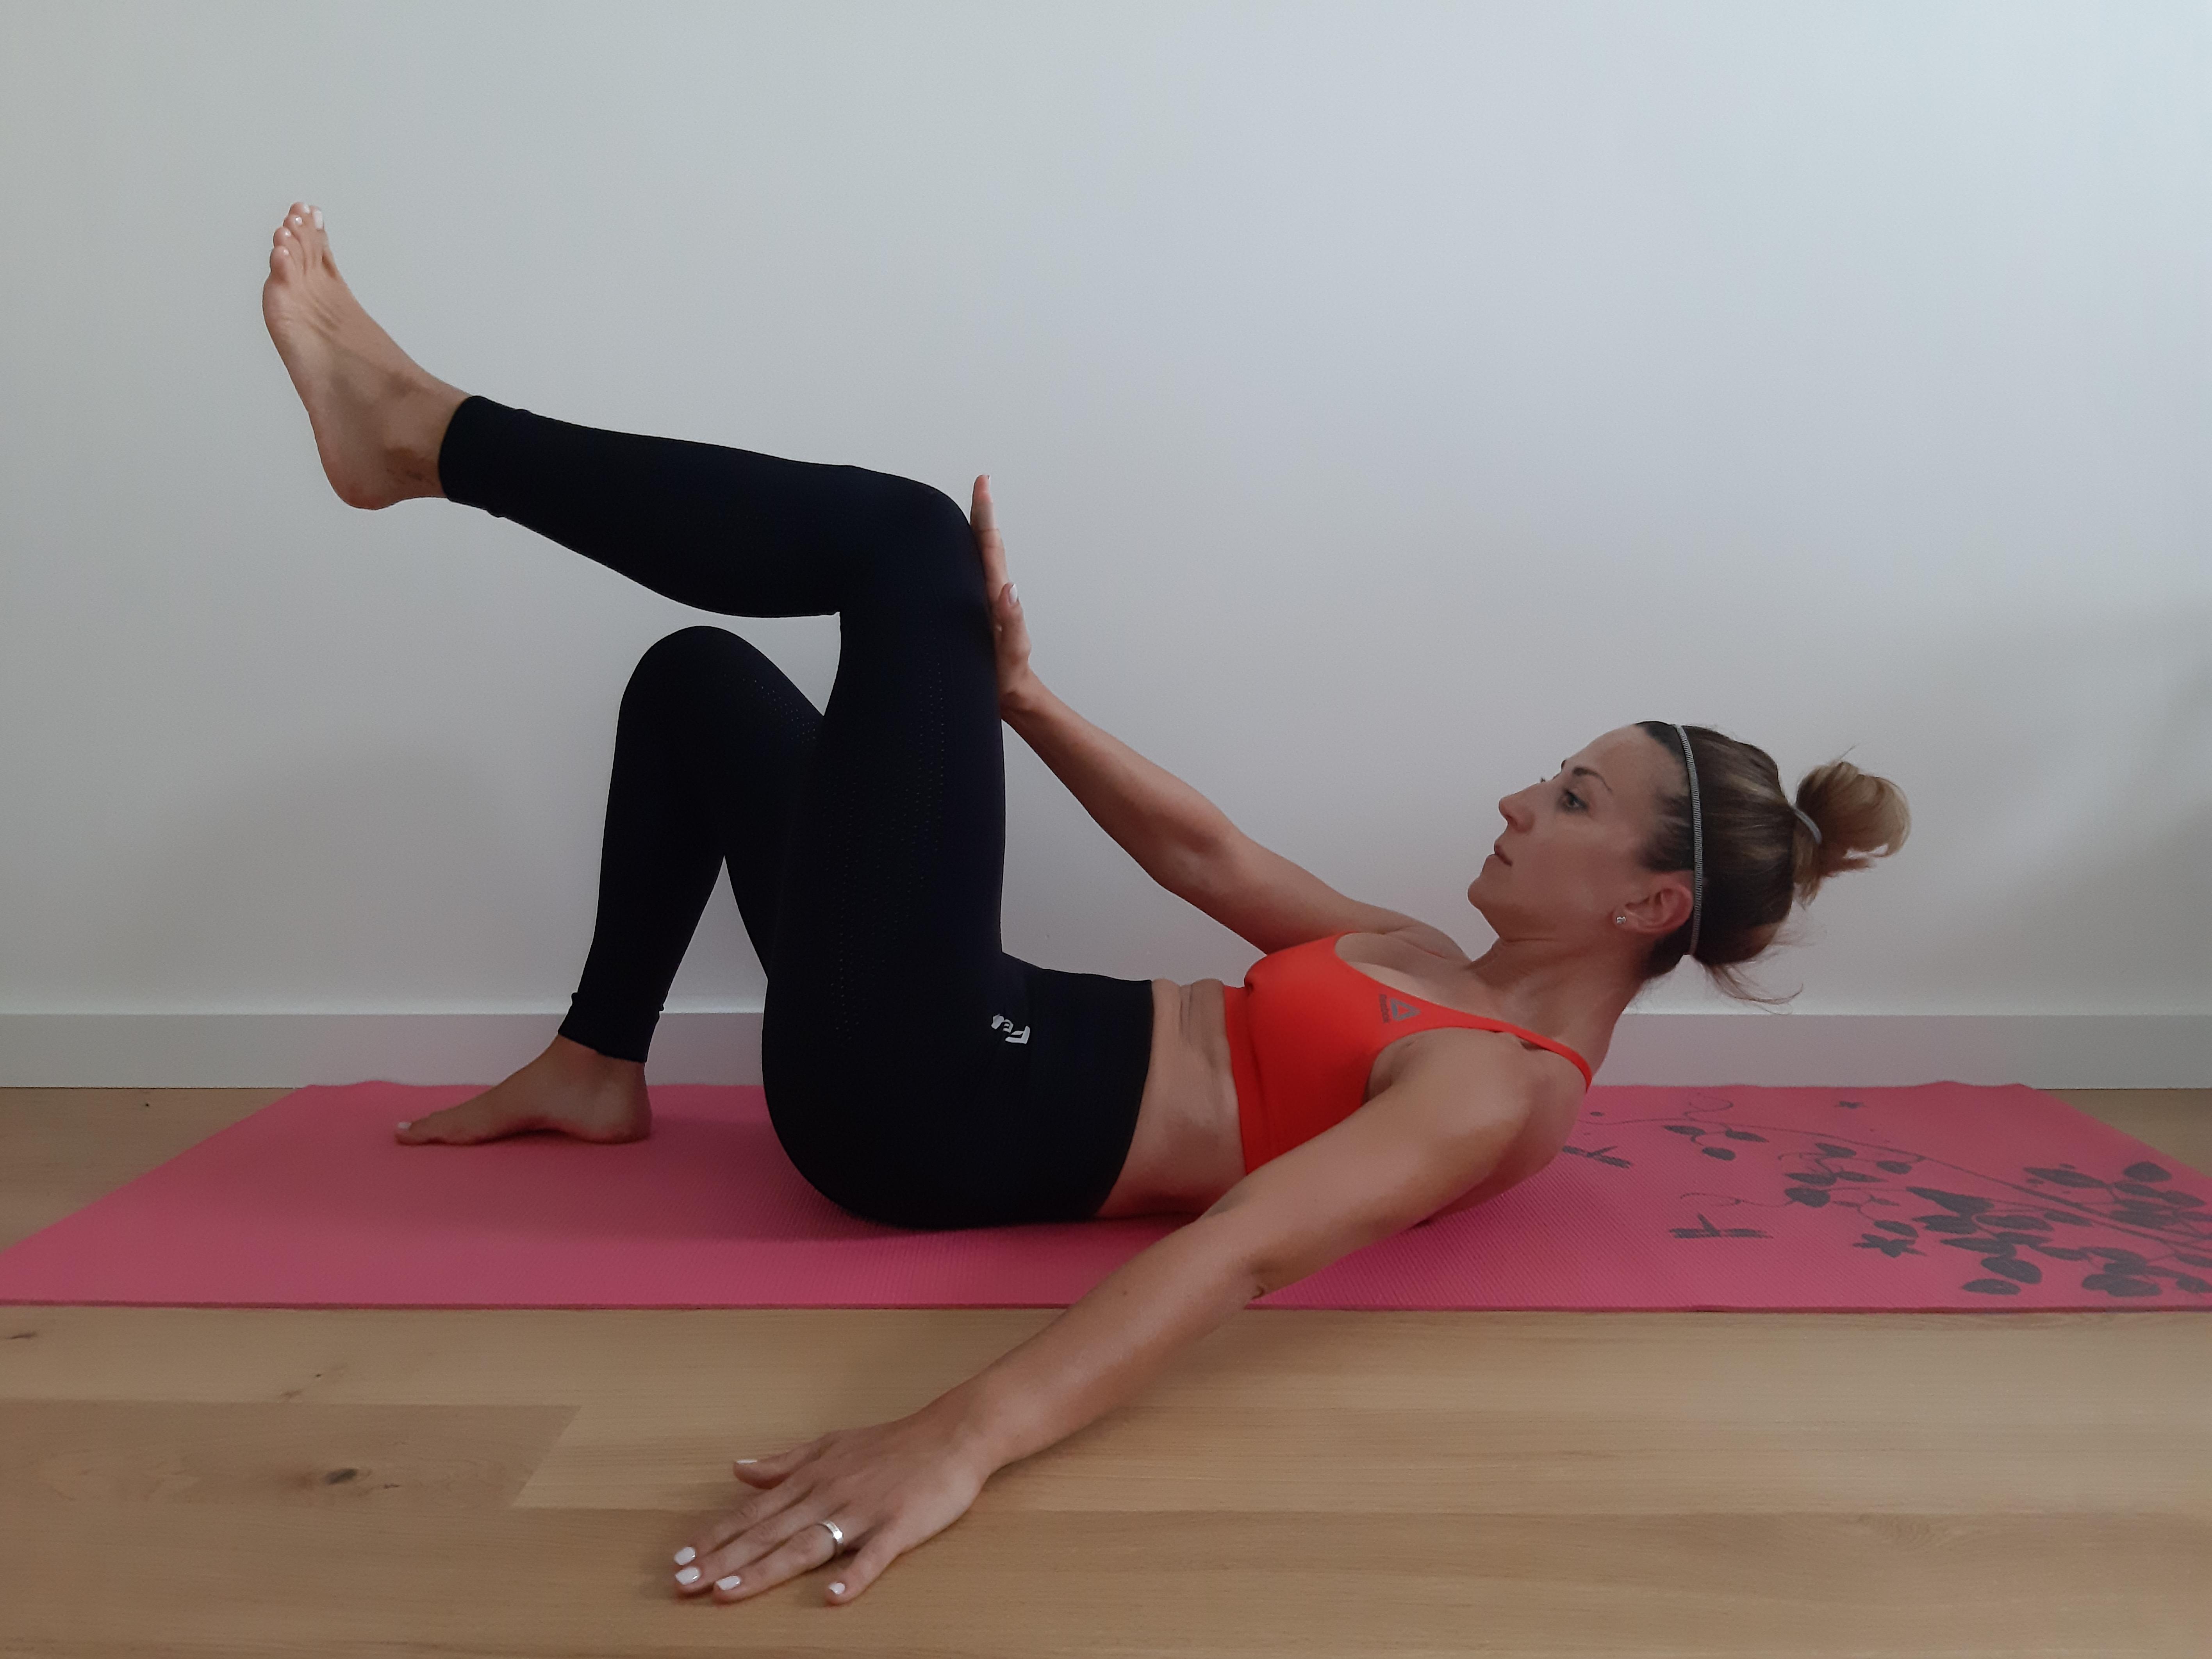 ćwiczenie mięśni brzucha - napieranie dłonią